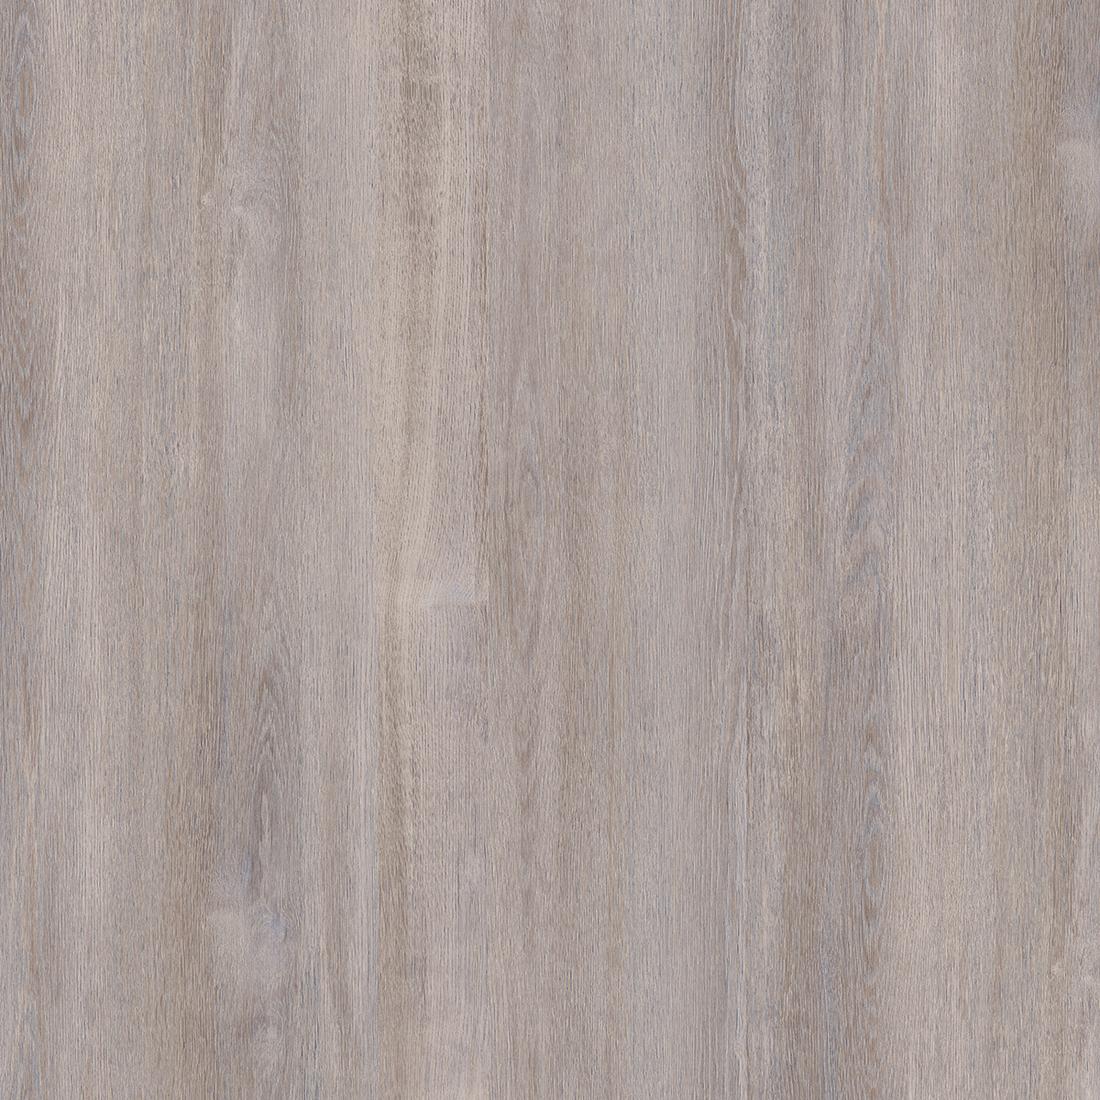 K079PW - Grey Clubhouse